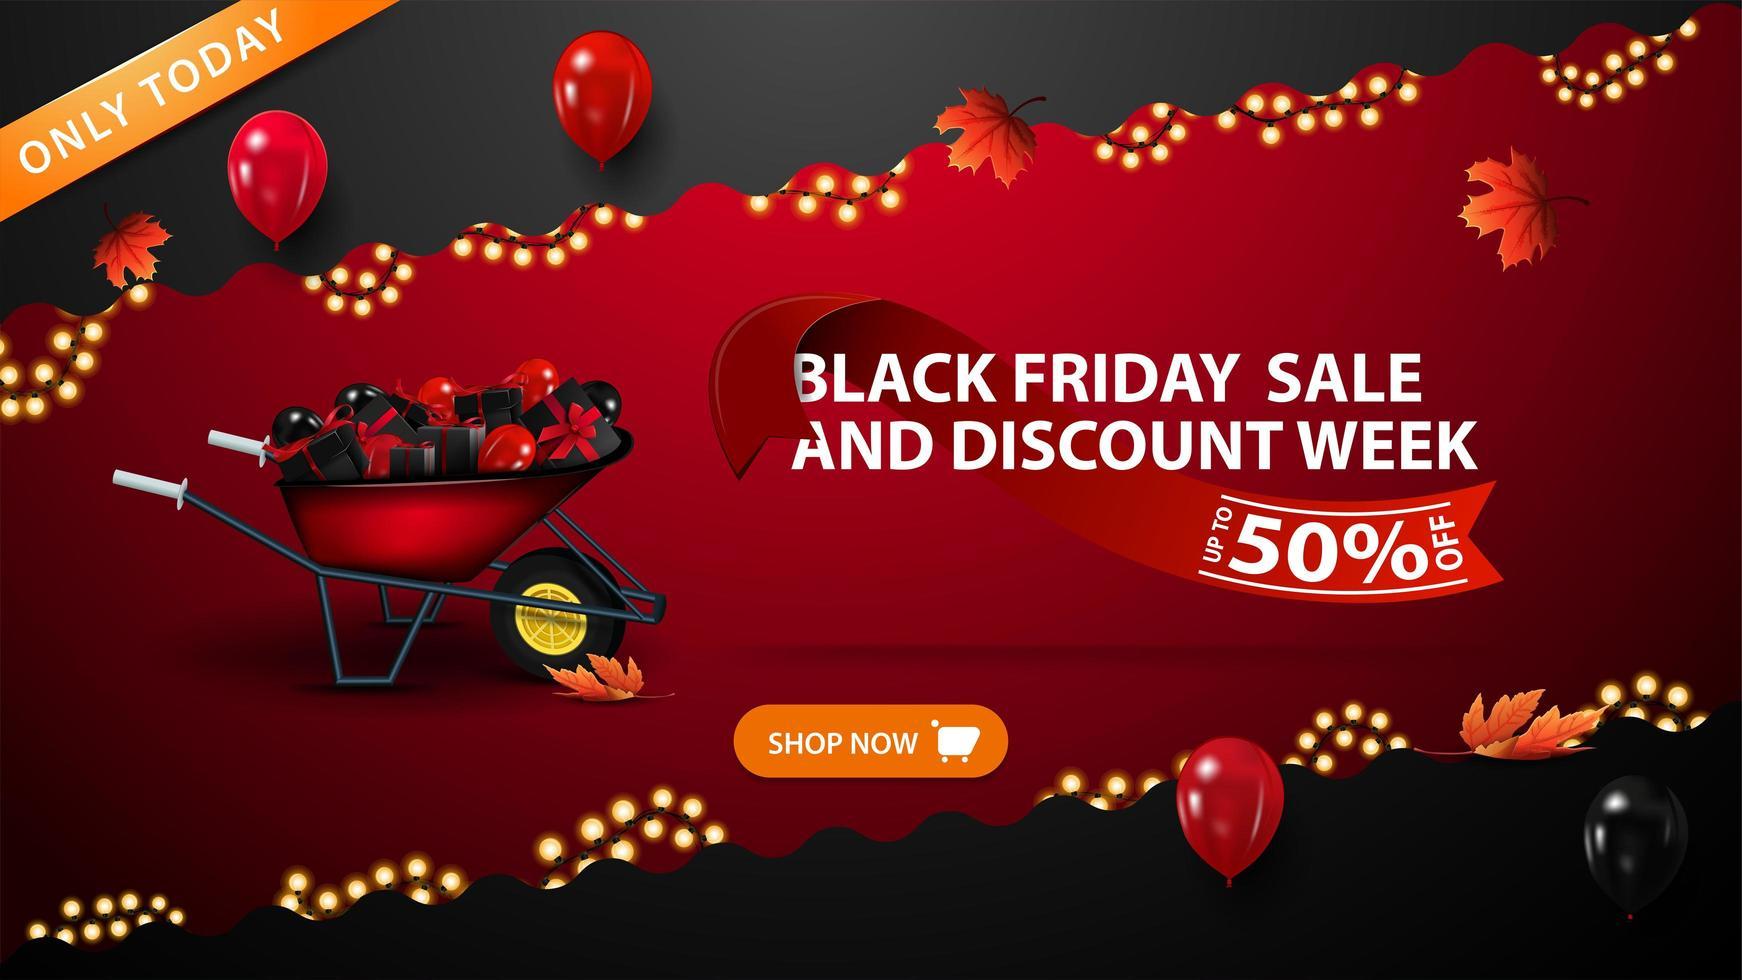 svart fredag försäljning och rabatt vecka banner vektor